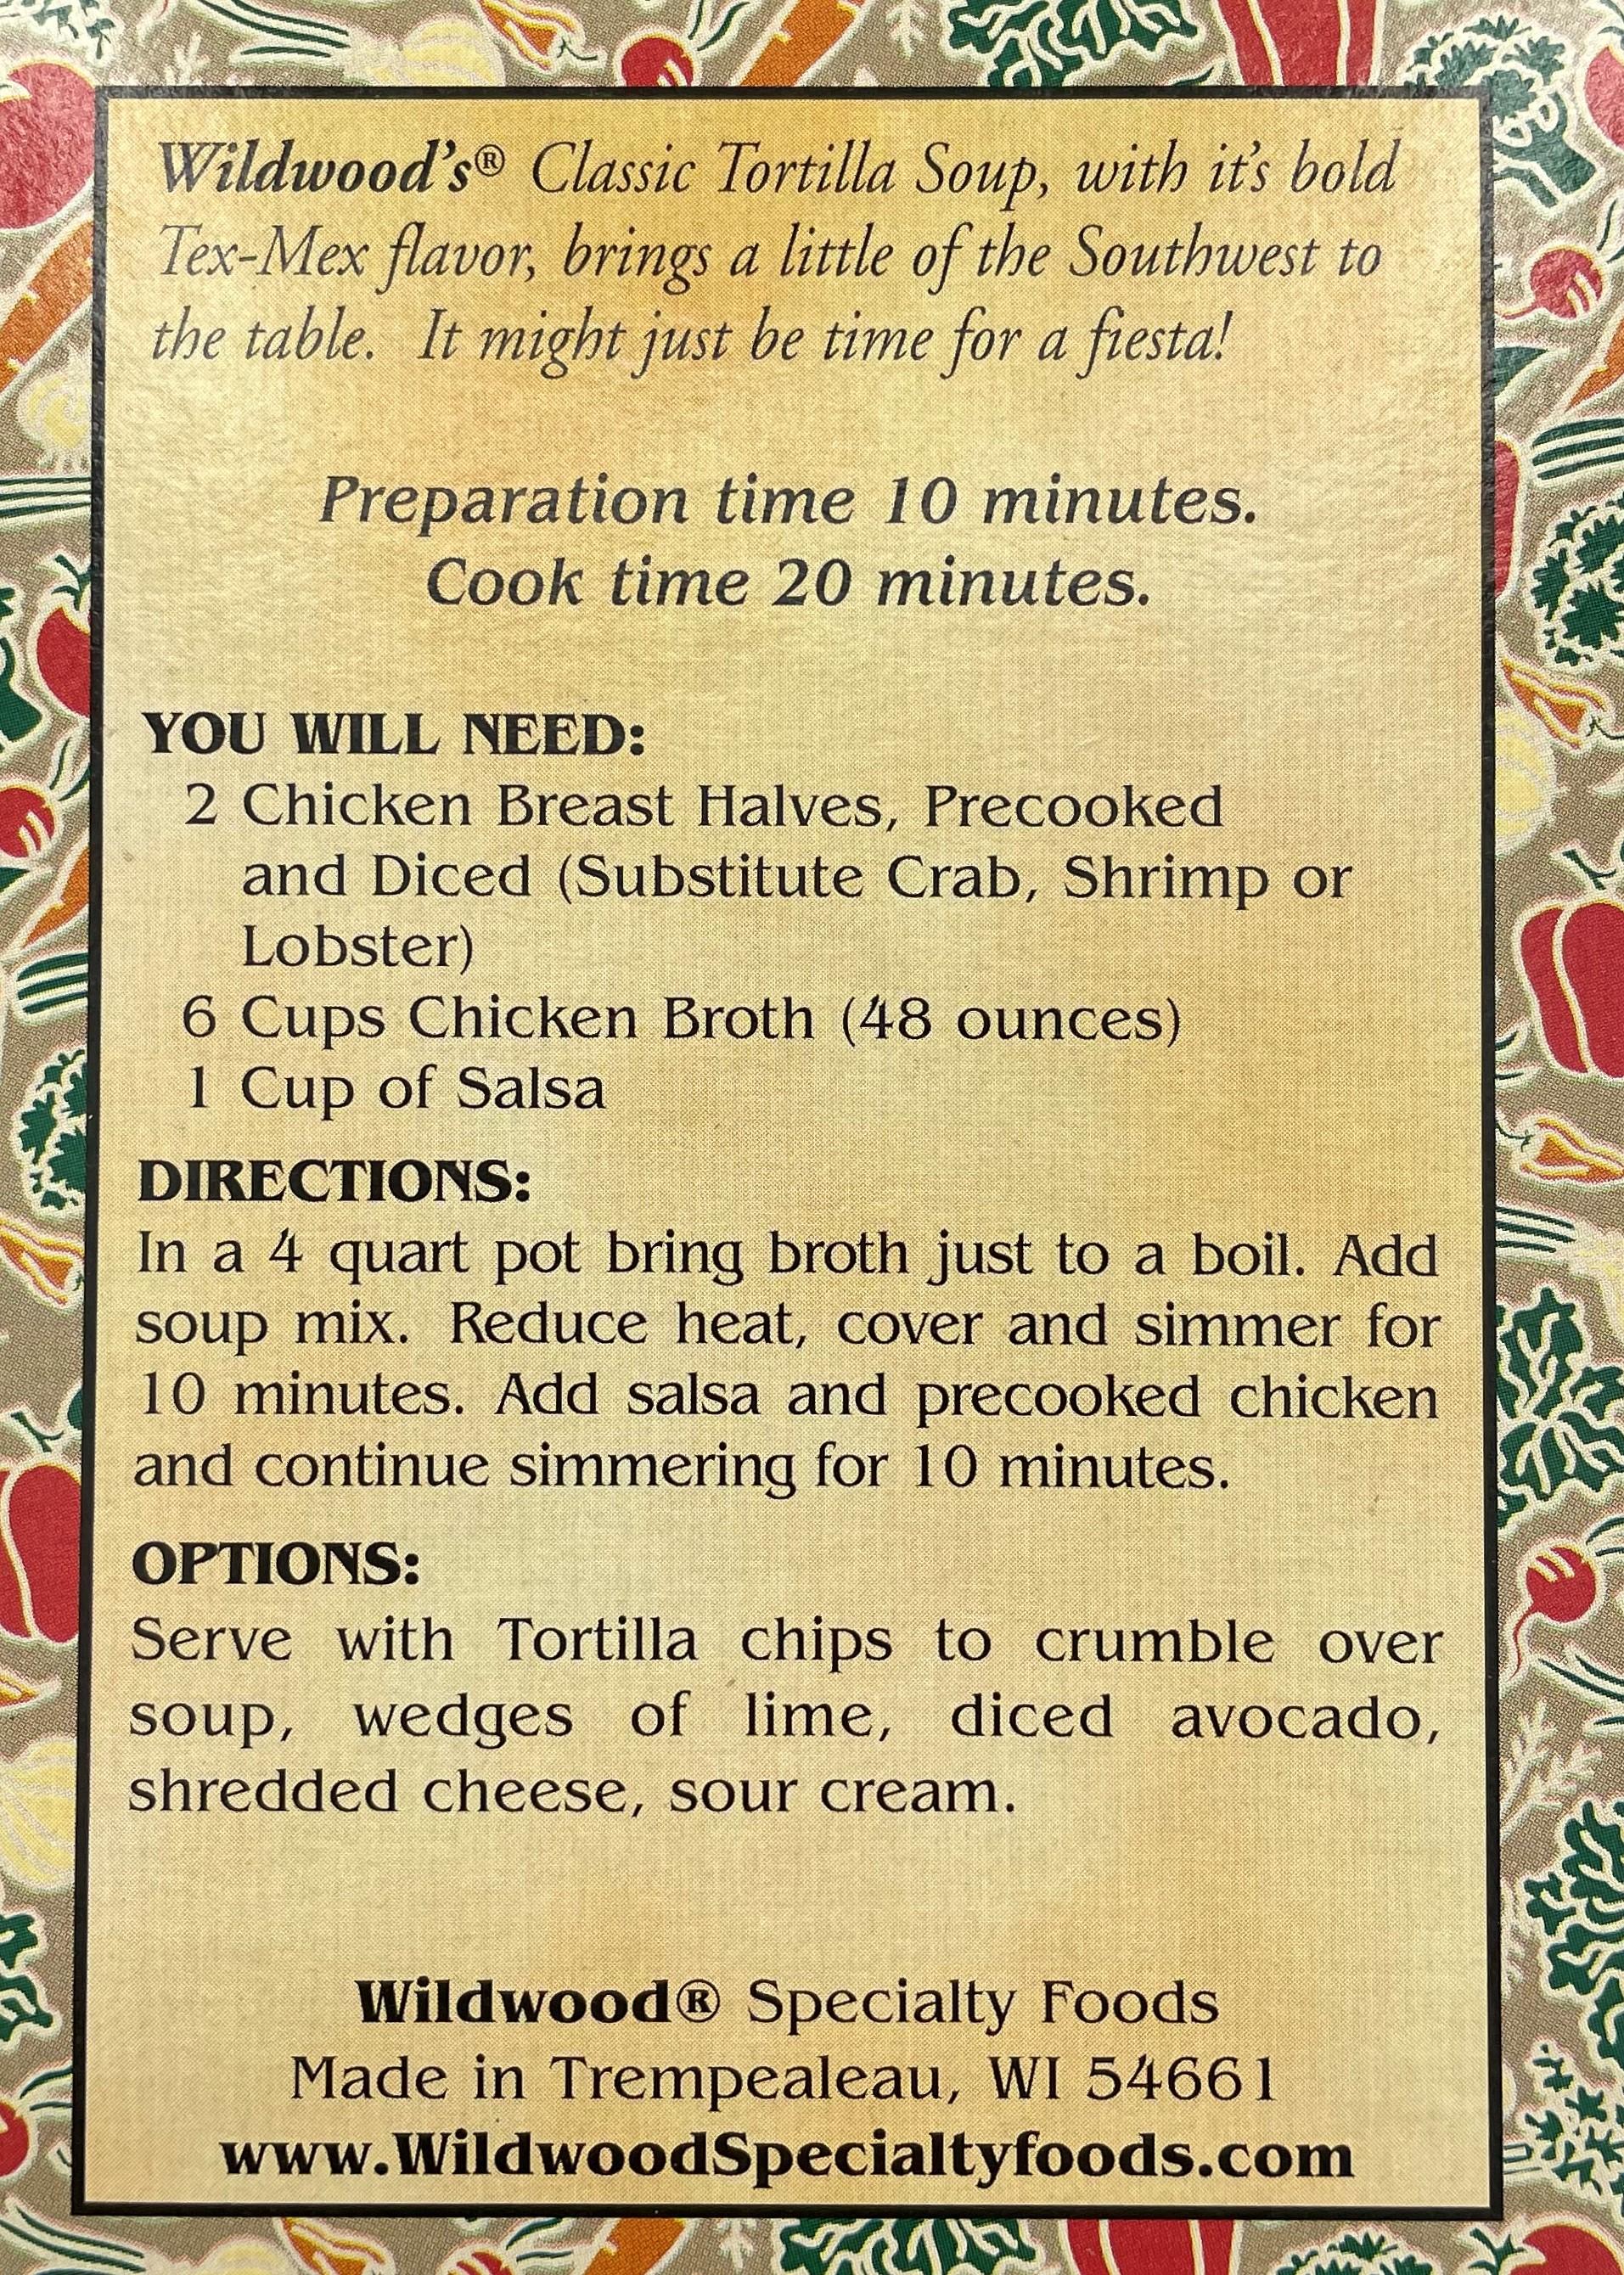 Wildwood's Classic Tortilla Soup